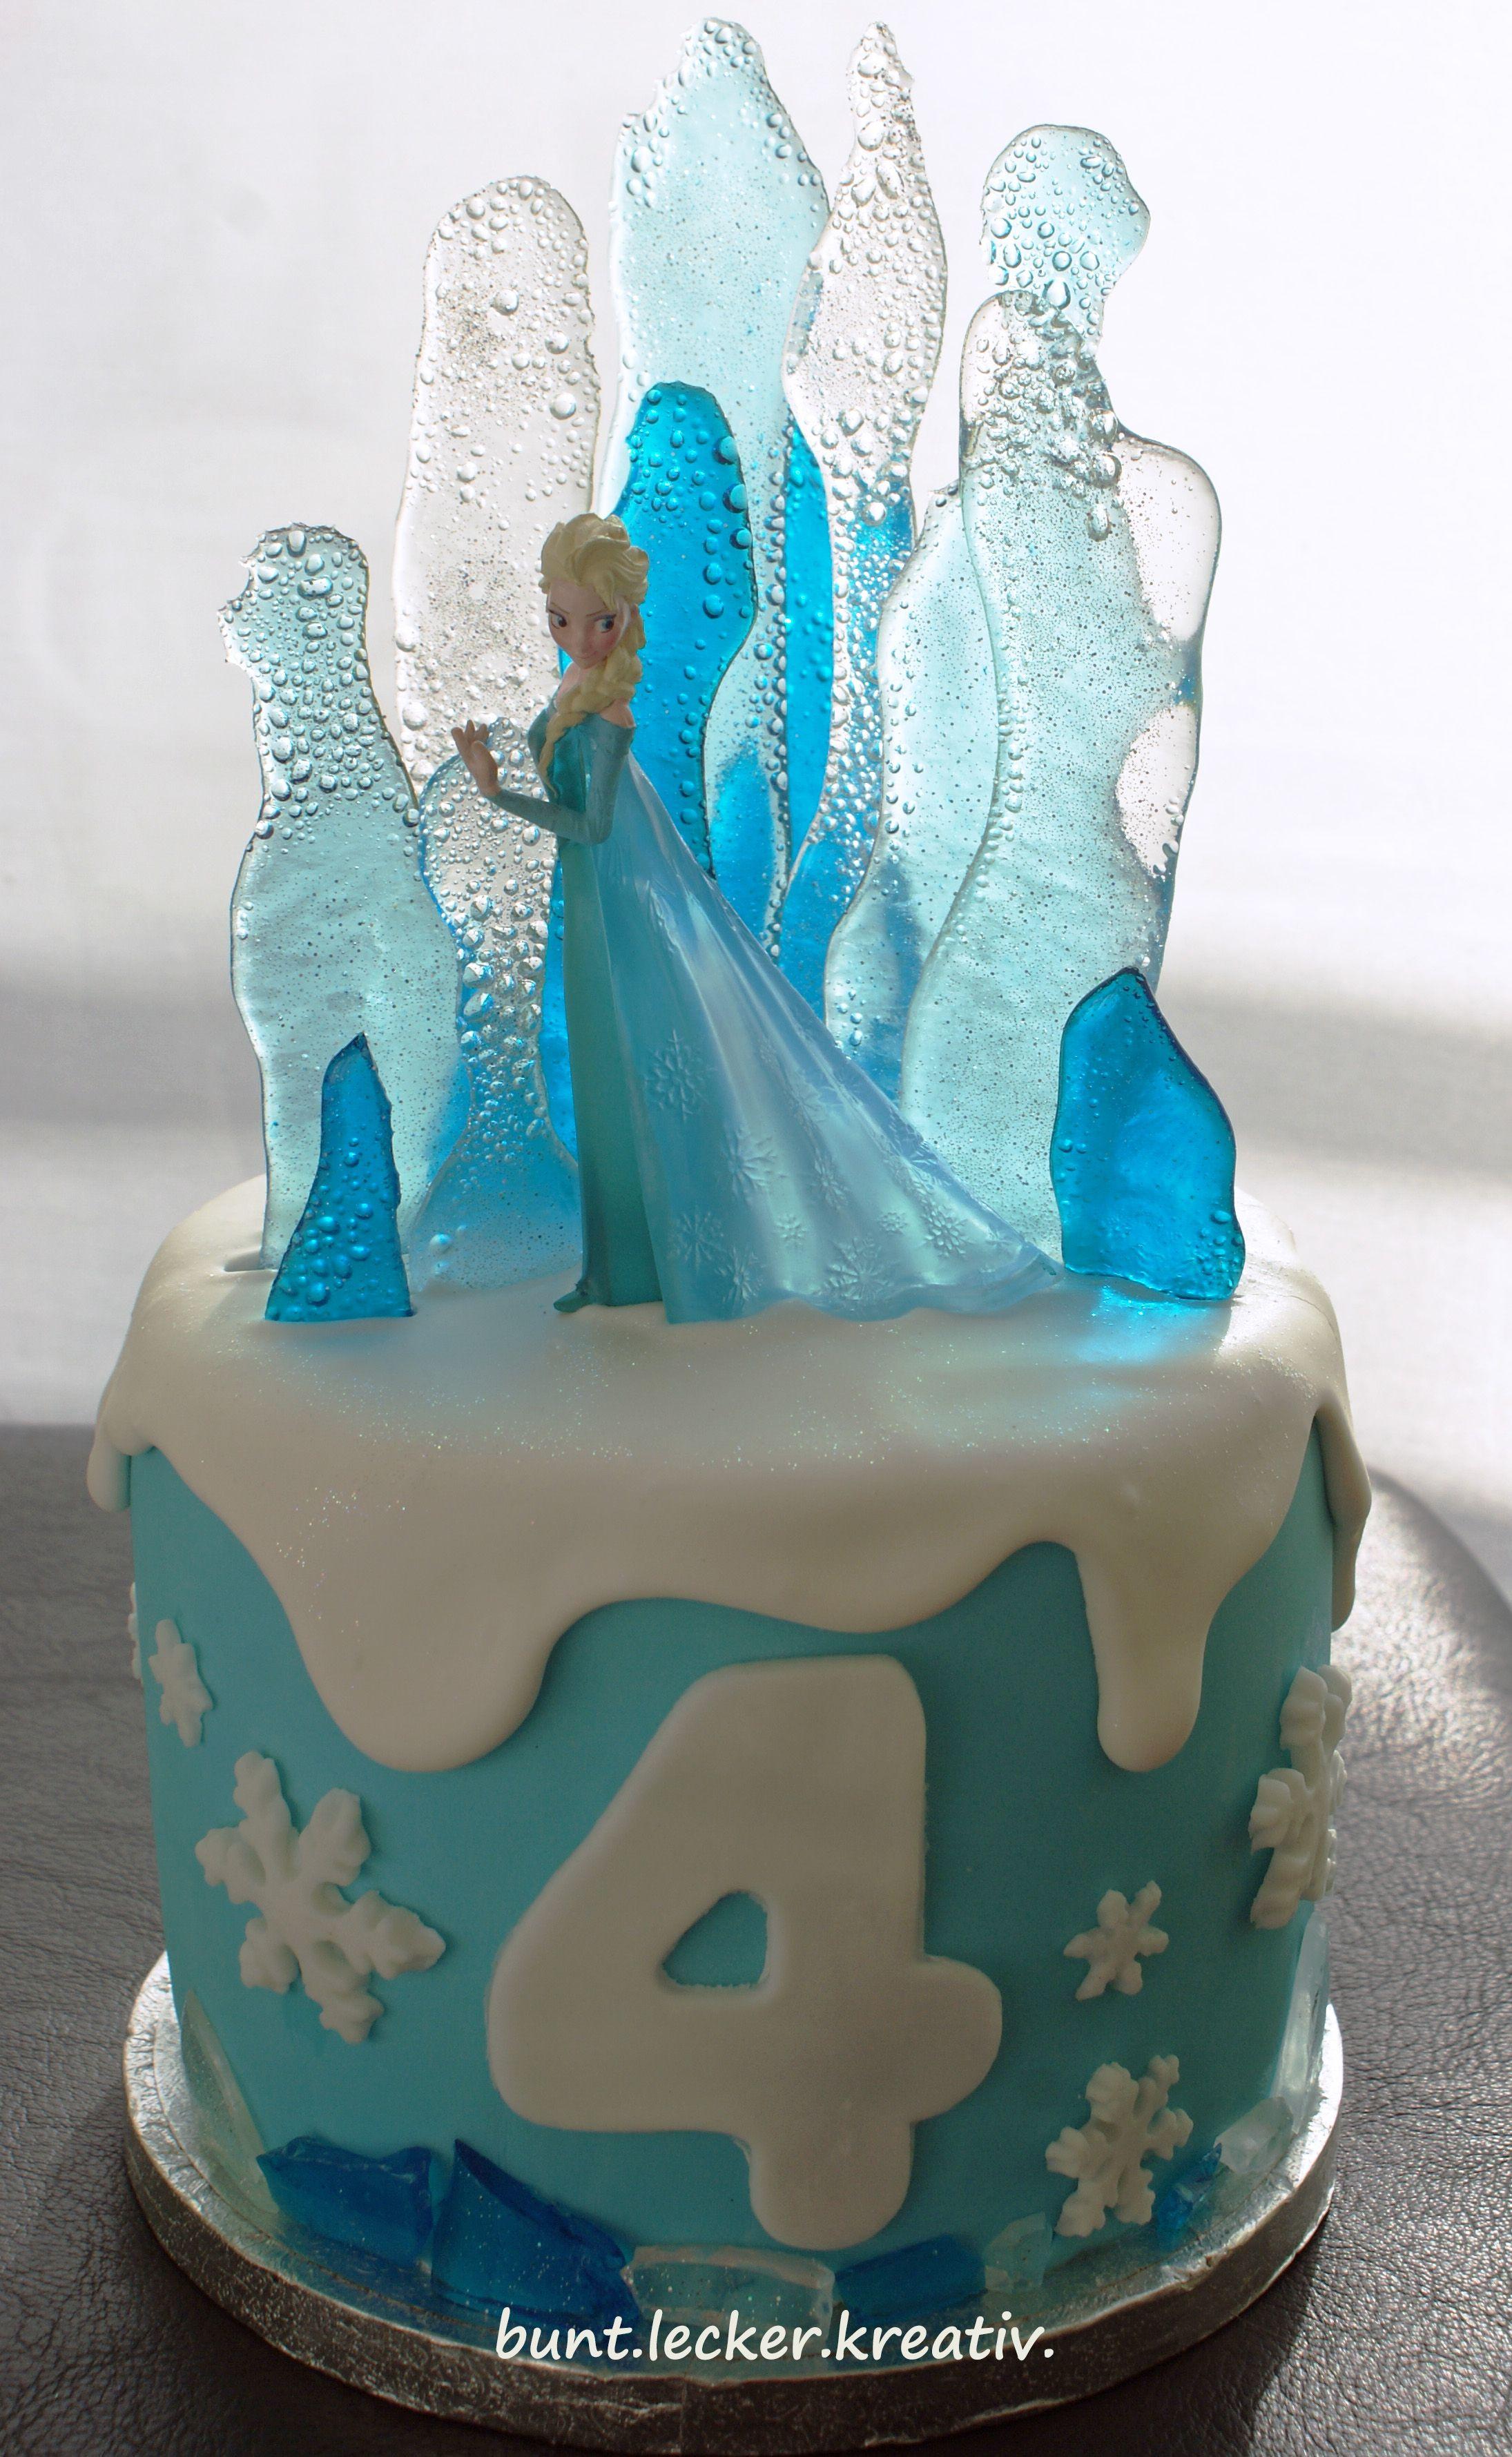 Elsa Die Eiskonigin Als Torte Elsa From Frozen As A Cake